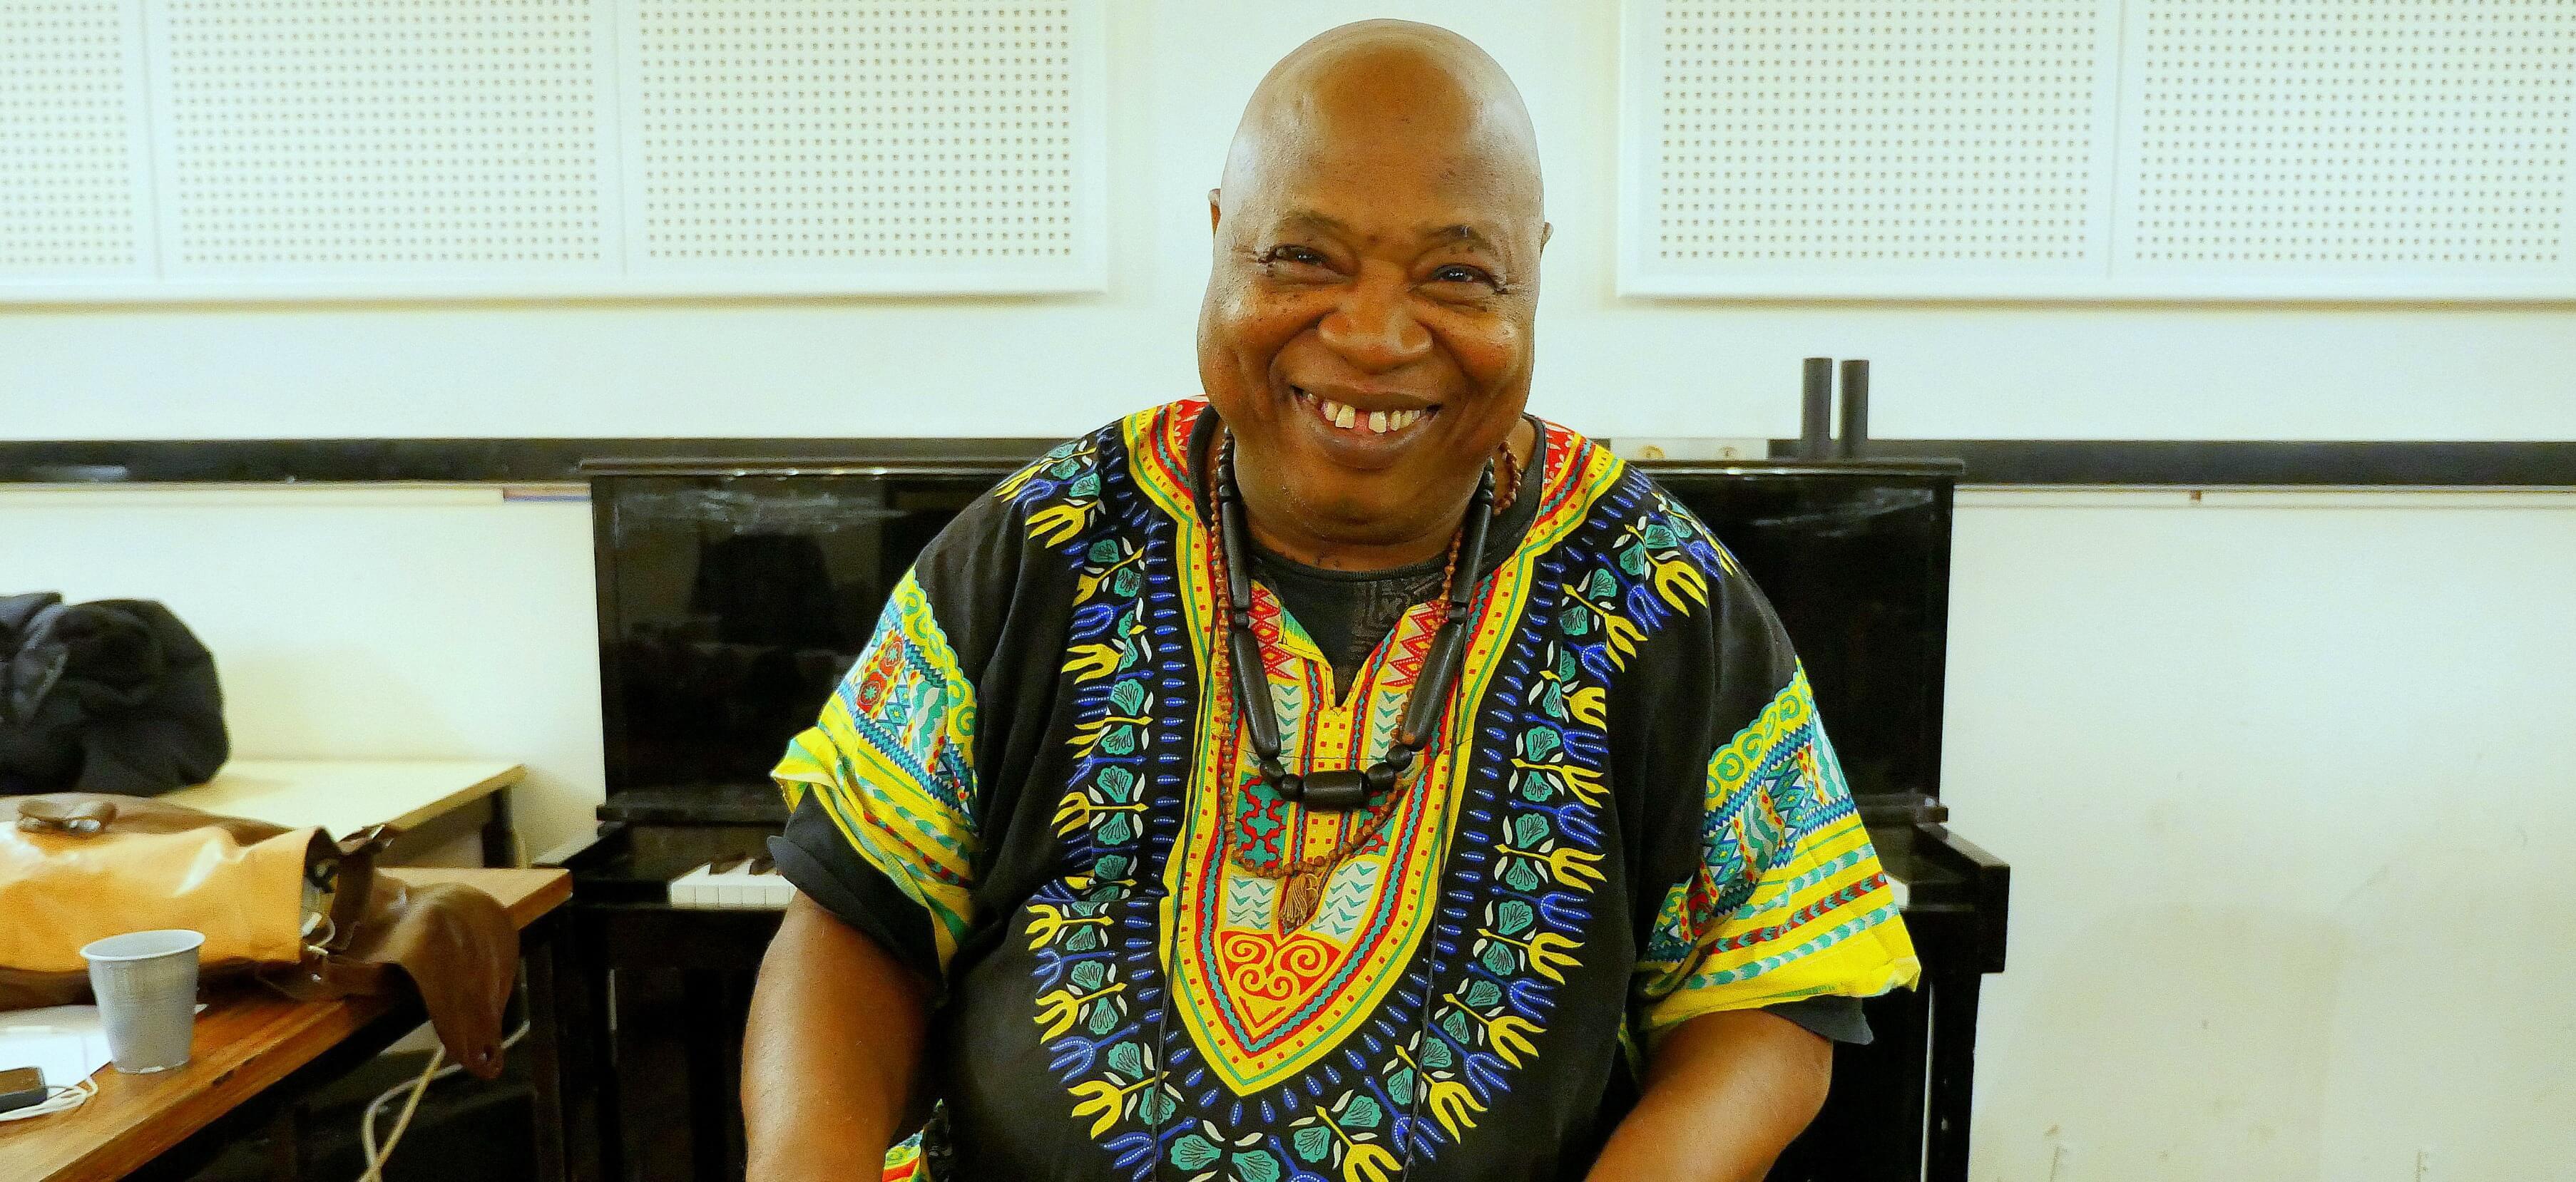 Le jazzman malien Cheick Tidiane Seck revient sur sa carrière stratosphèrique